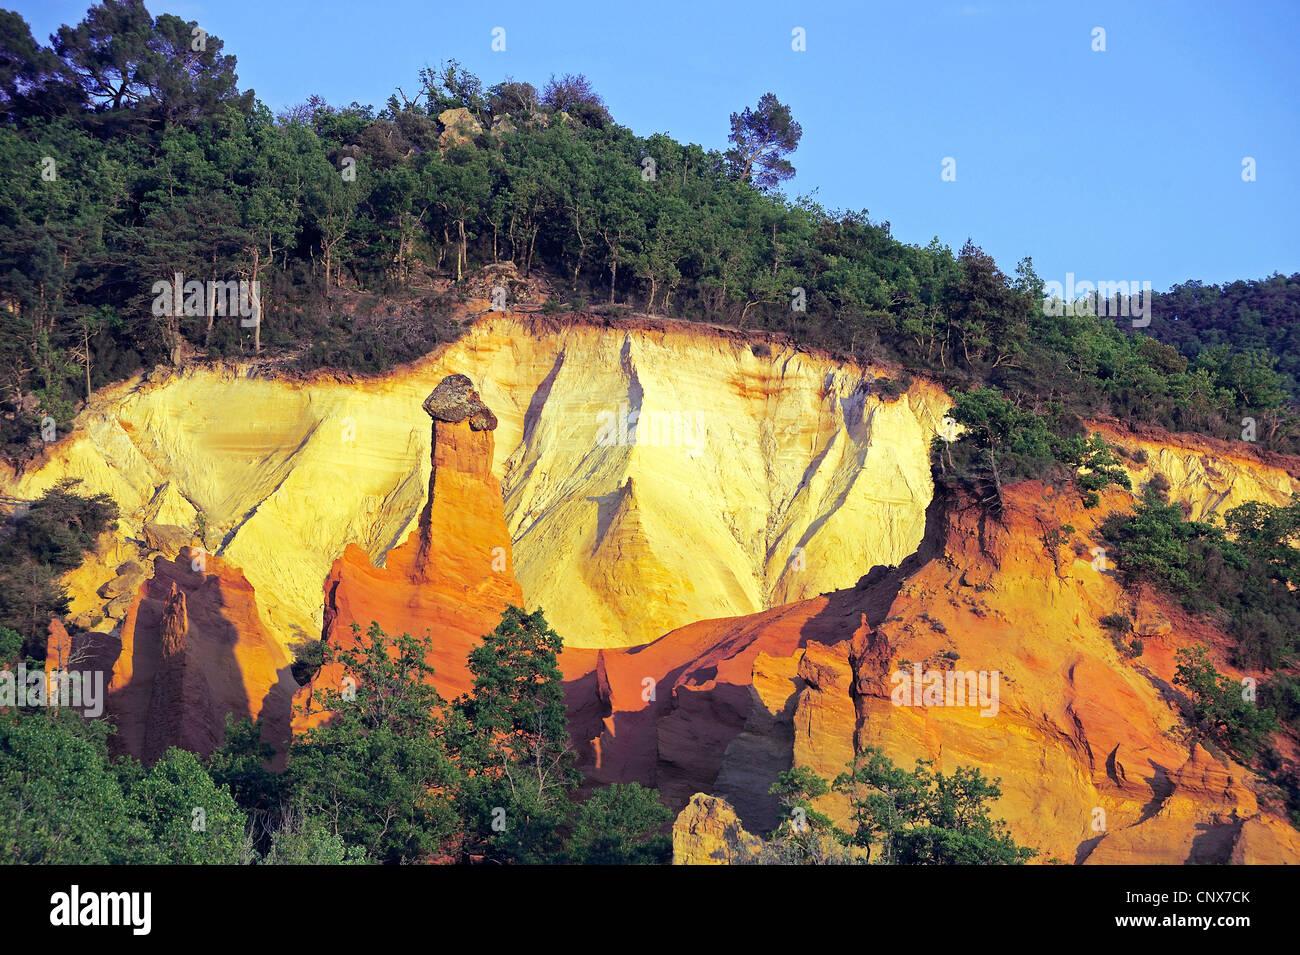 Extraña roca y arena, cerca de la ciudad de Apt, Francia, Provence Foto de stock